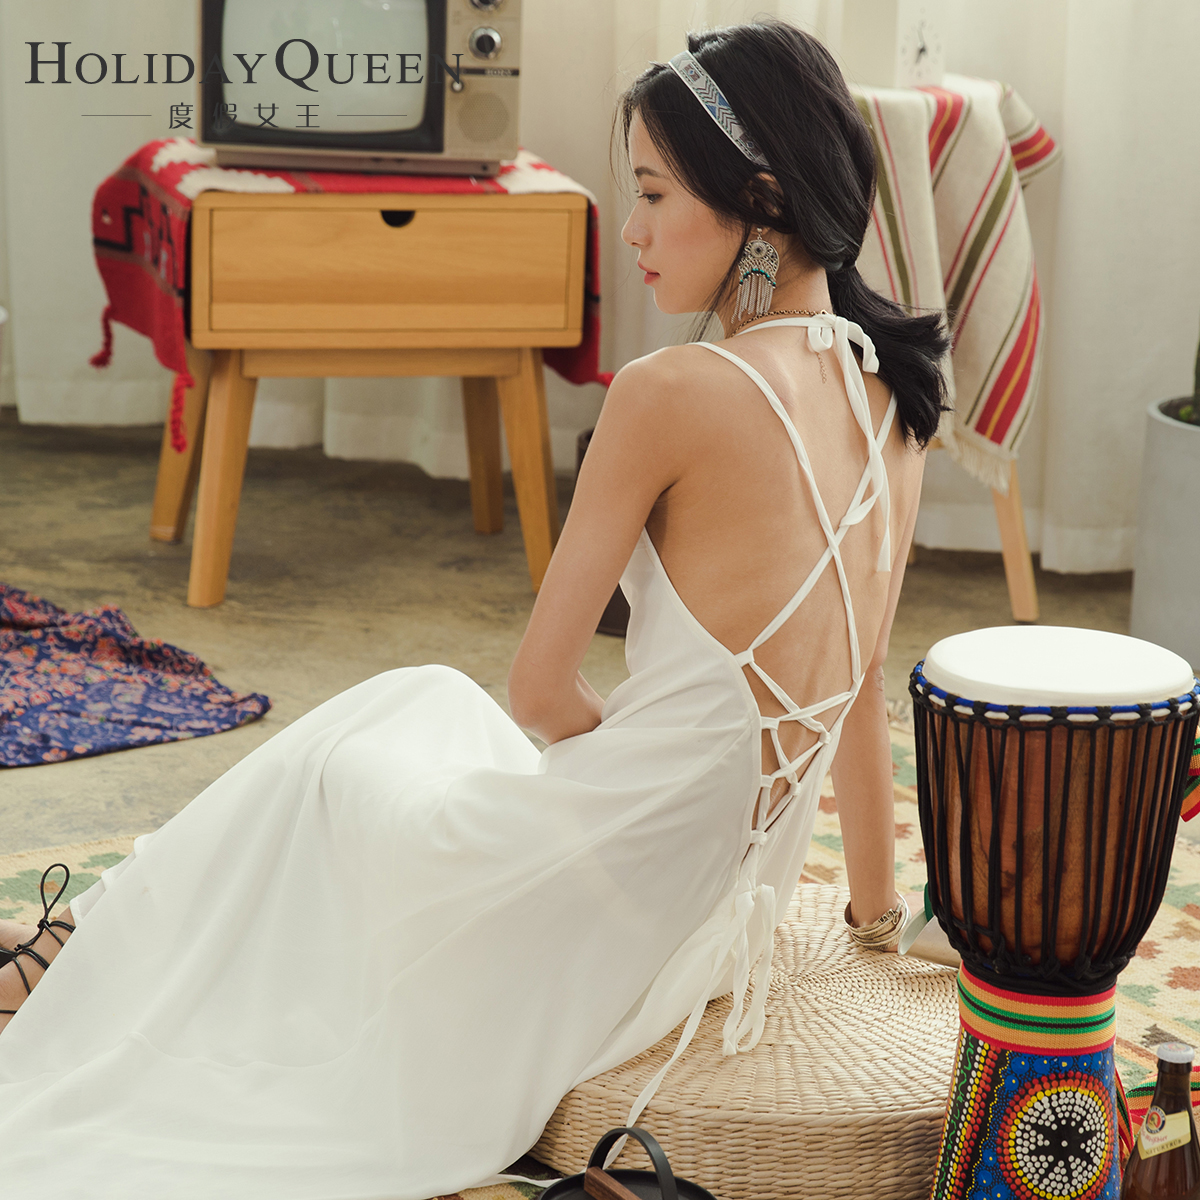 白色吊带连衣裙 度假女王巴厘岛海边度假沙滩裙长款白色连衣裙露背吊带长裙海滩裙_推荐淘宝好看的白色吊带连衣裙